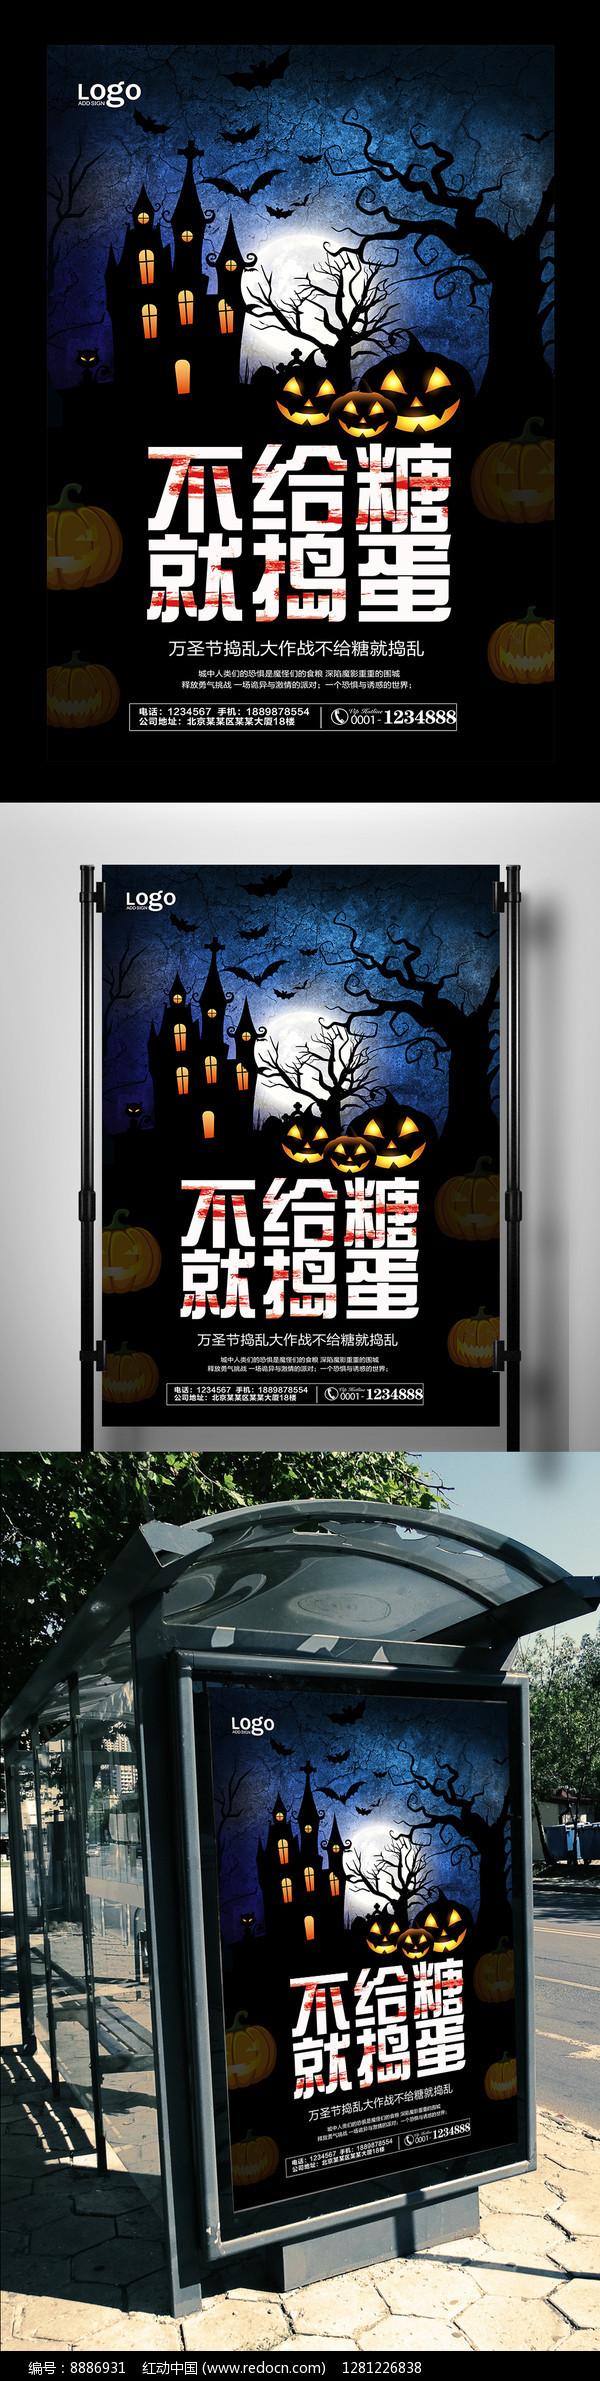 炫酷万圣节宣传海报图片